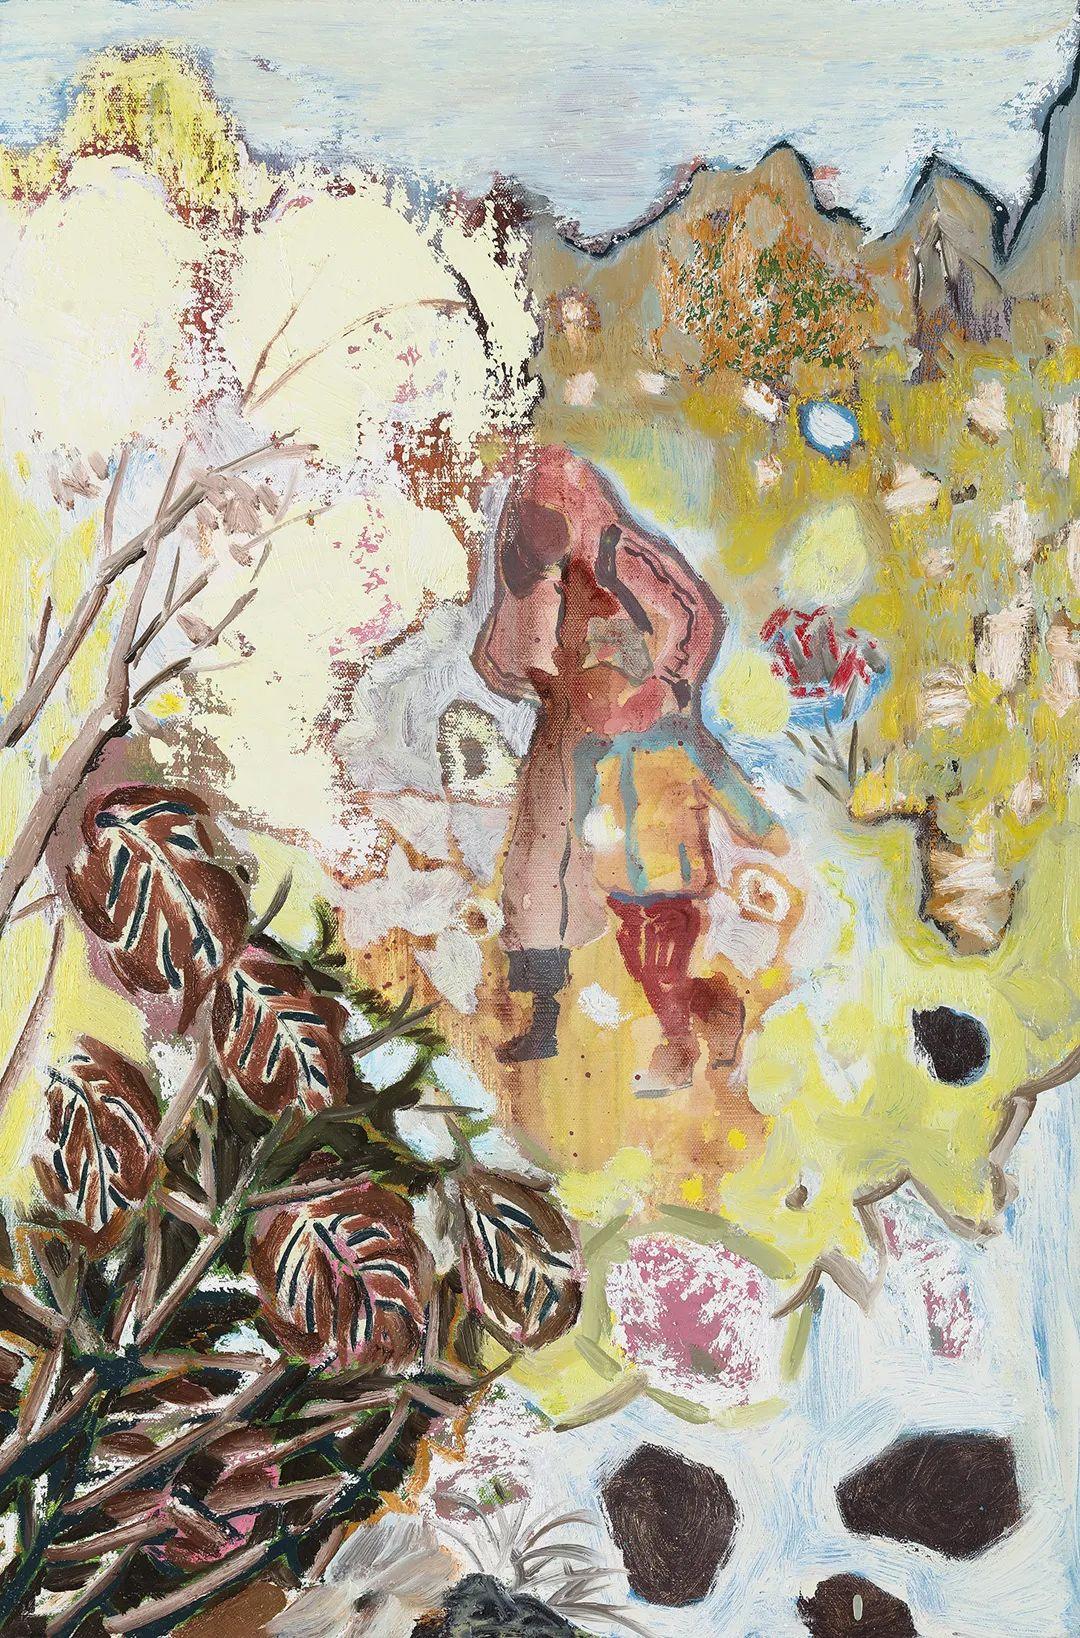 中国当代绘画艺术展作品欣赏之 李华相插图11